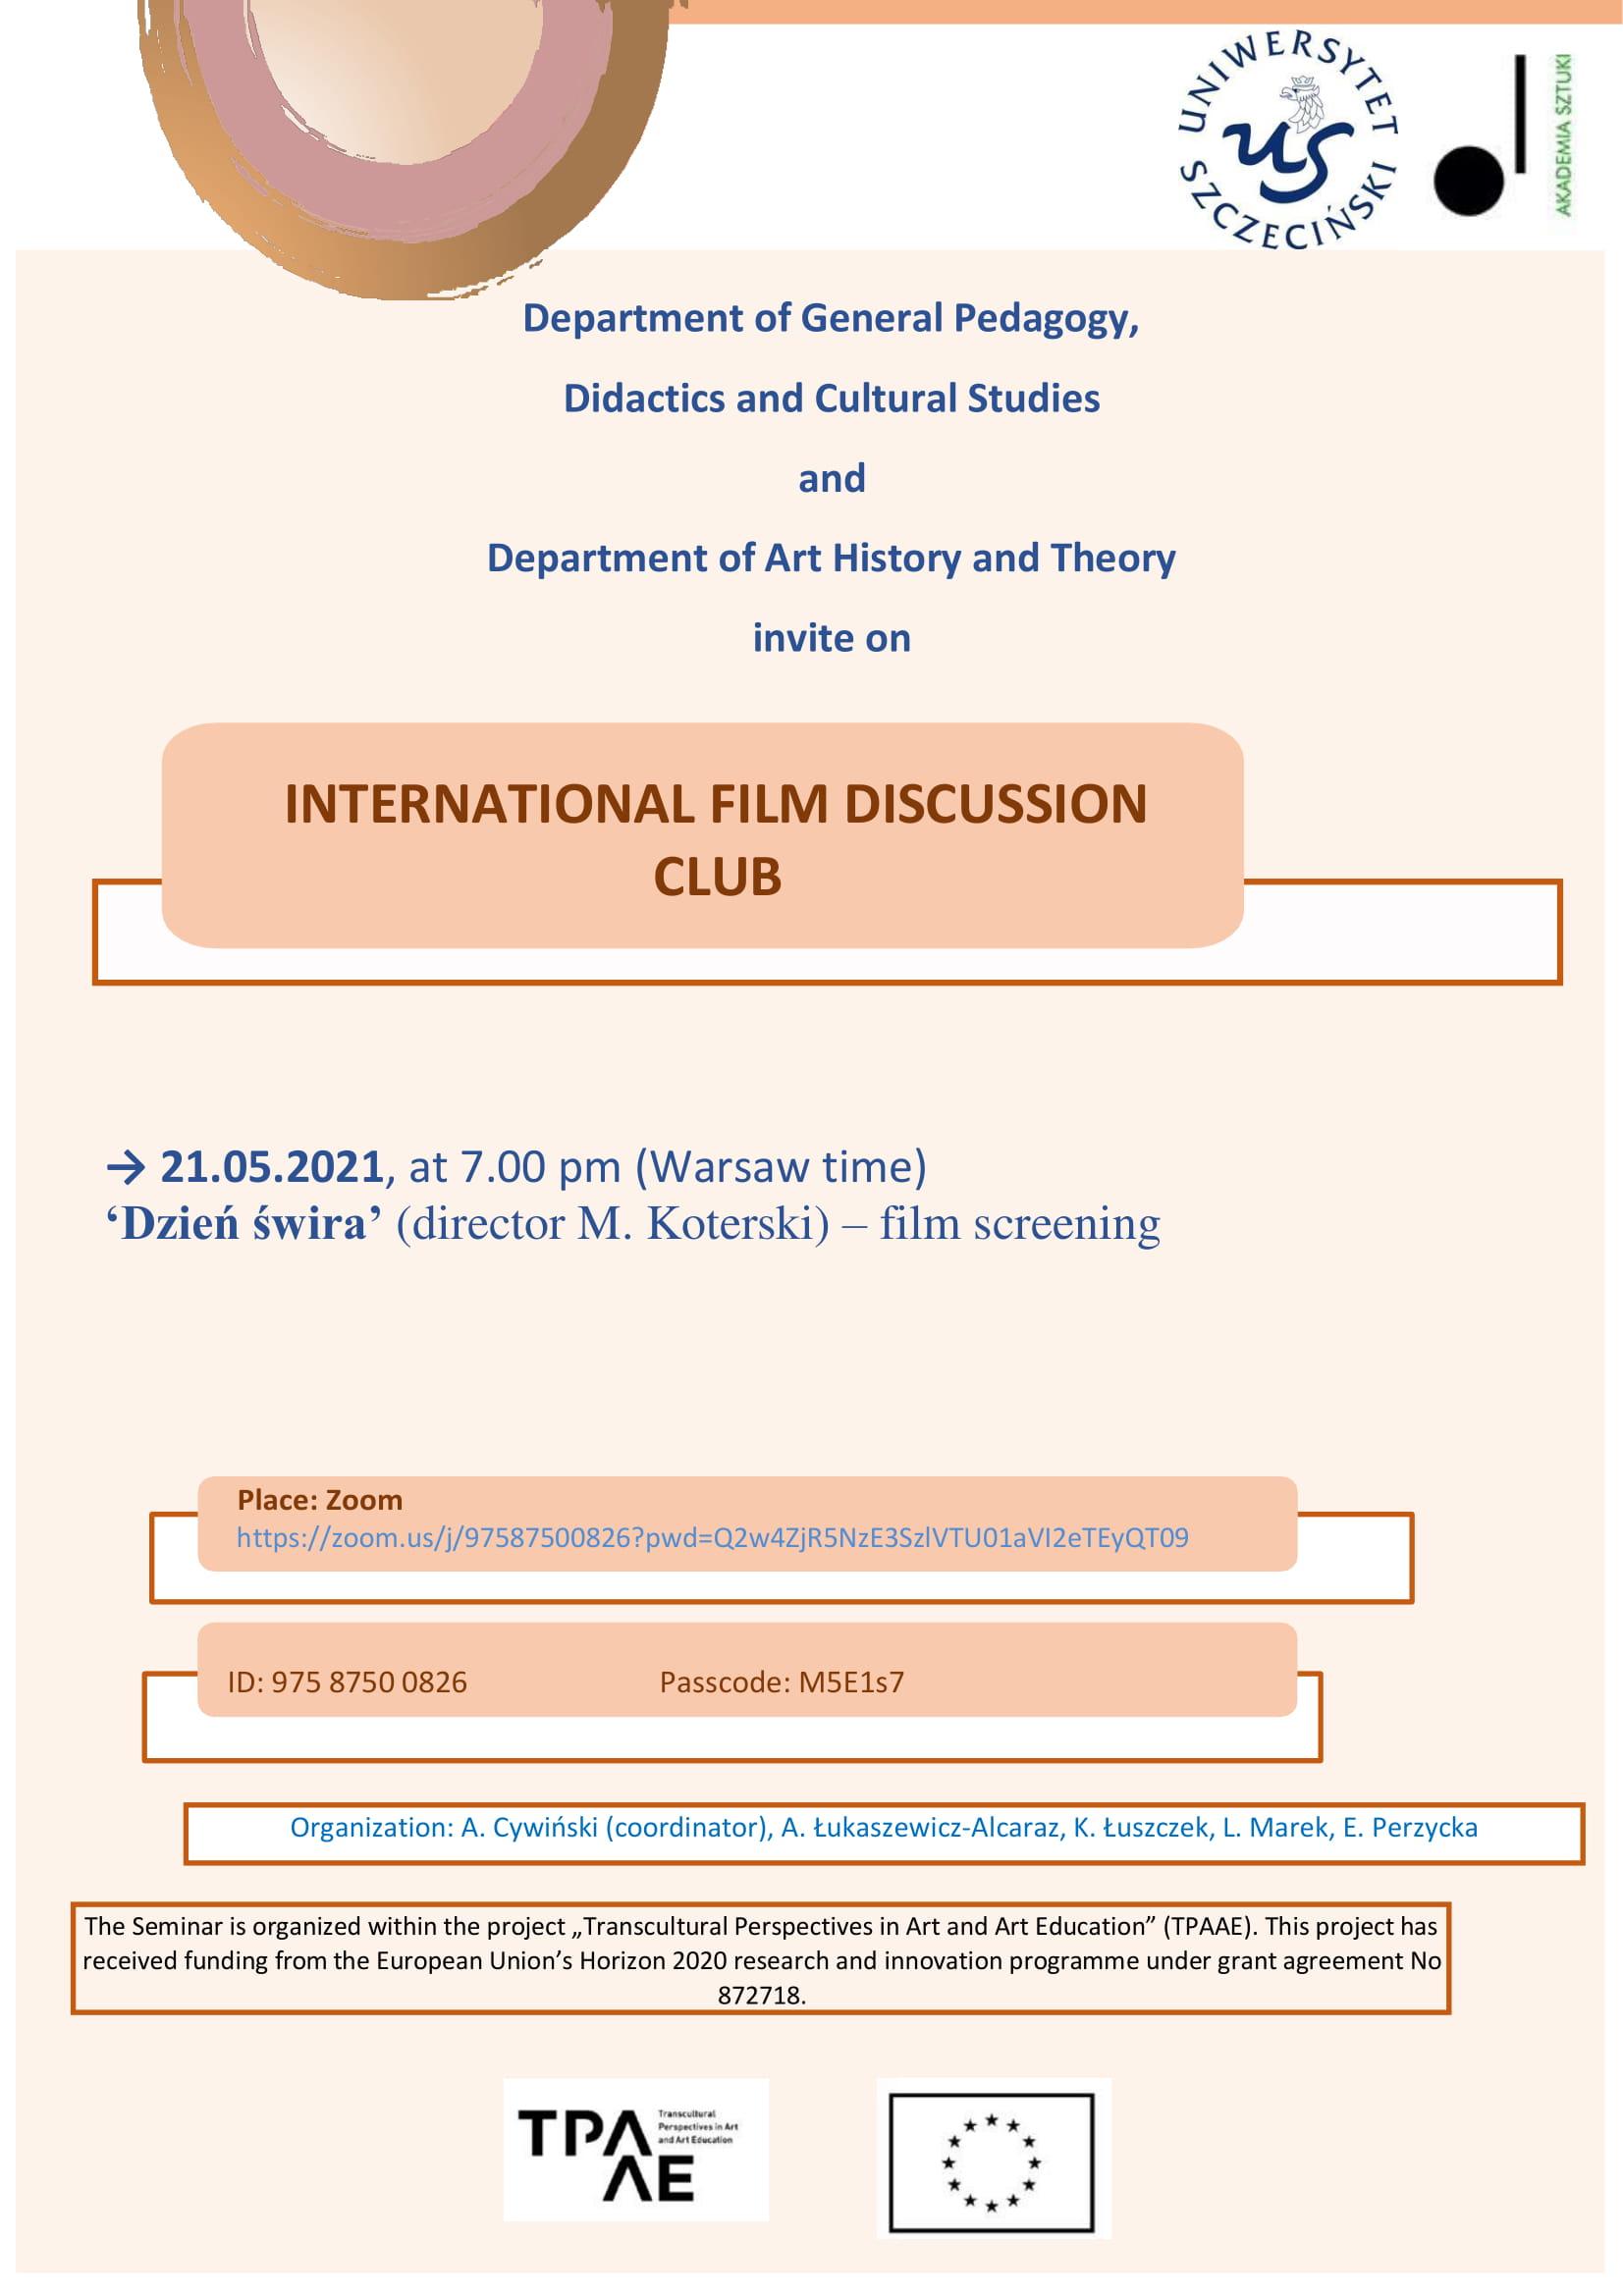 Kolejne spotkanie w ramach  Międzynarodowego Dyskusyjnego Klubu Filmowego